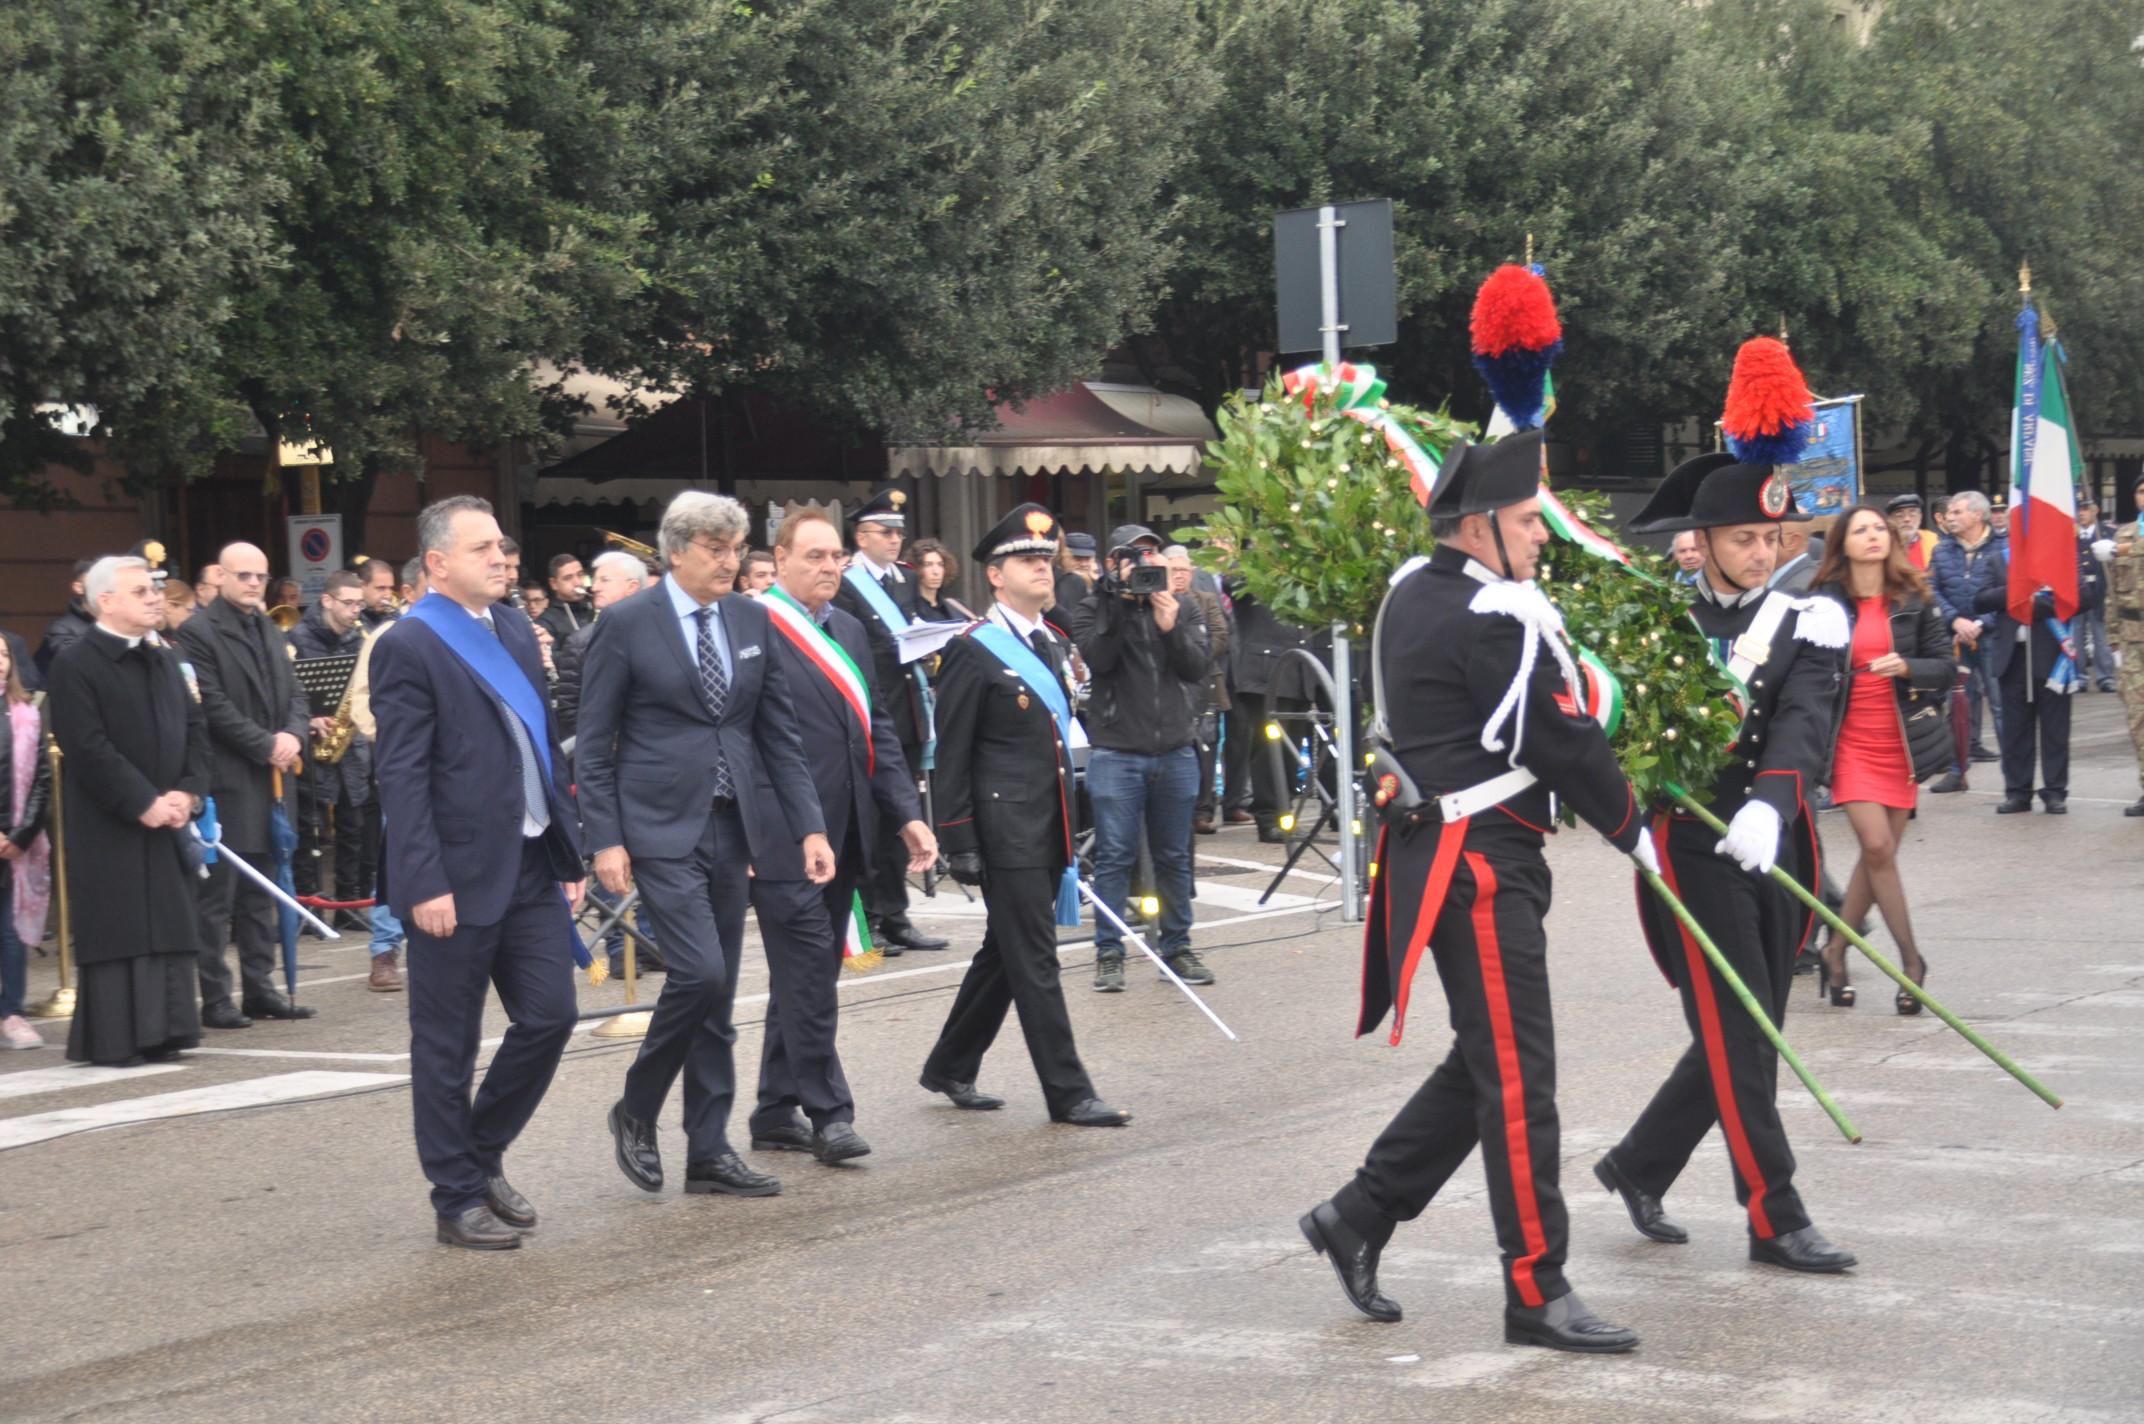 Festa dell'Unitá Nazionale e delle Forze Armate, Di Maria ricorda le indicibili sofferenze patite da chi ha lottato per la difesa della patria